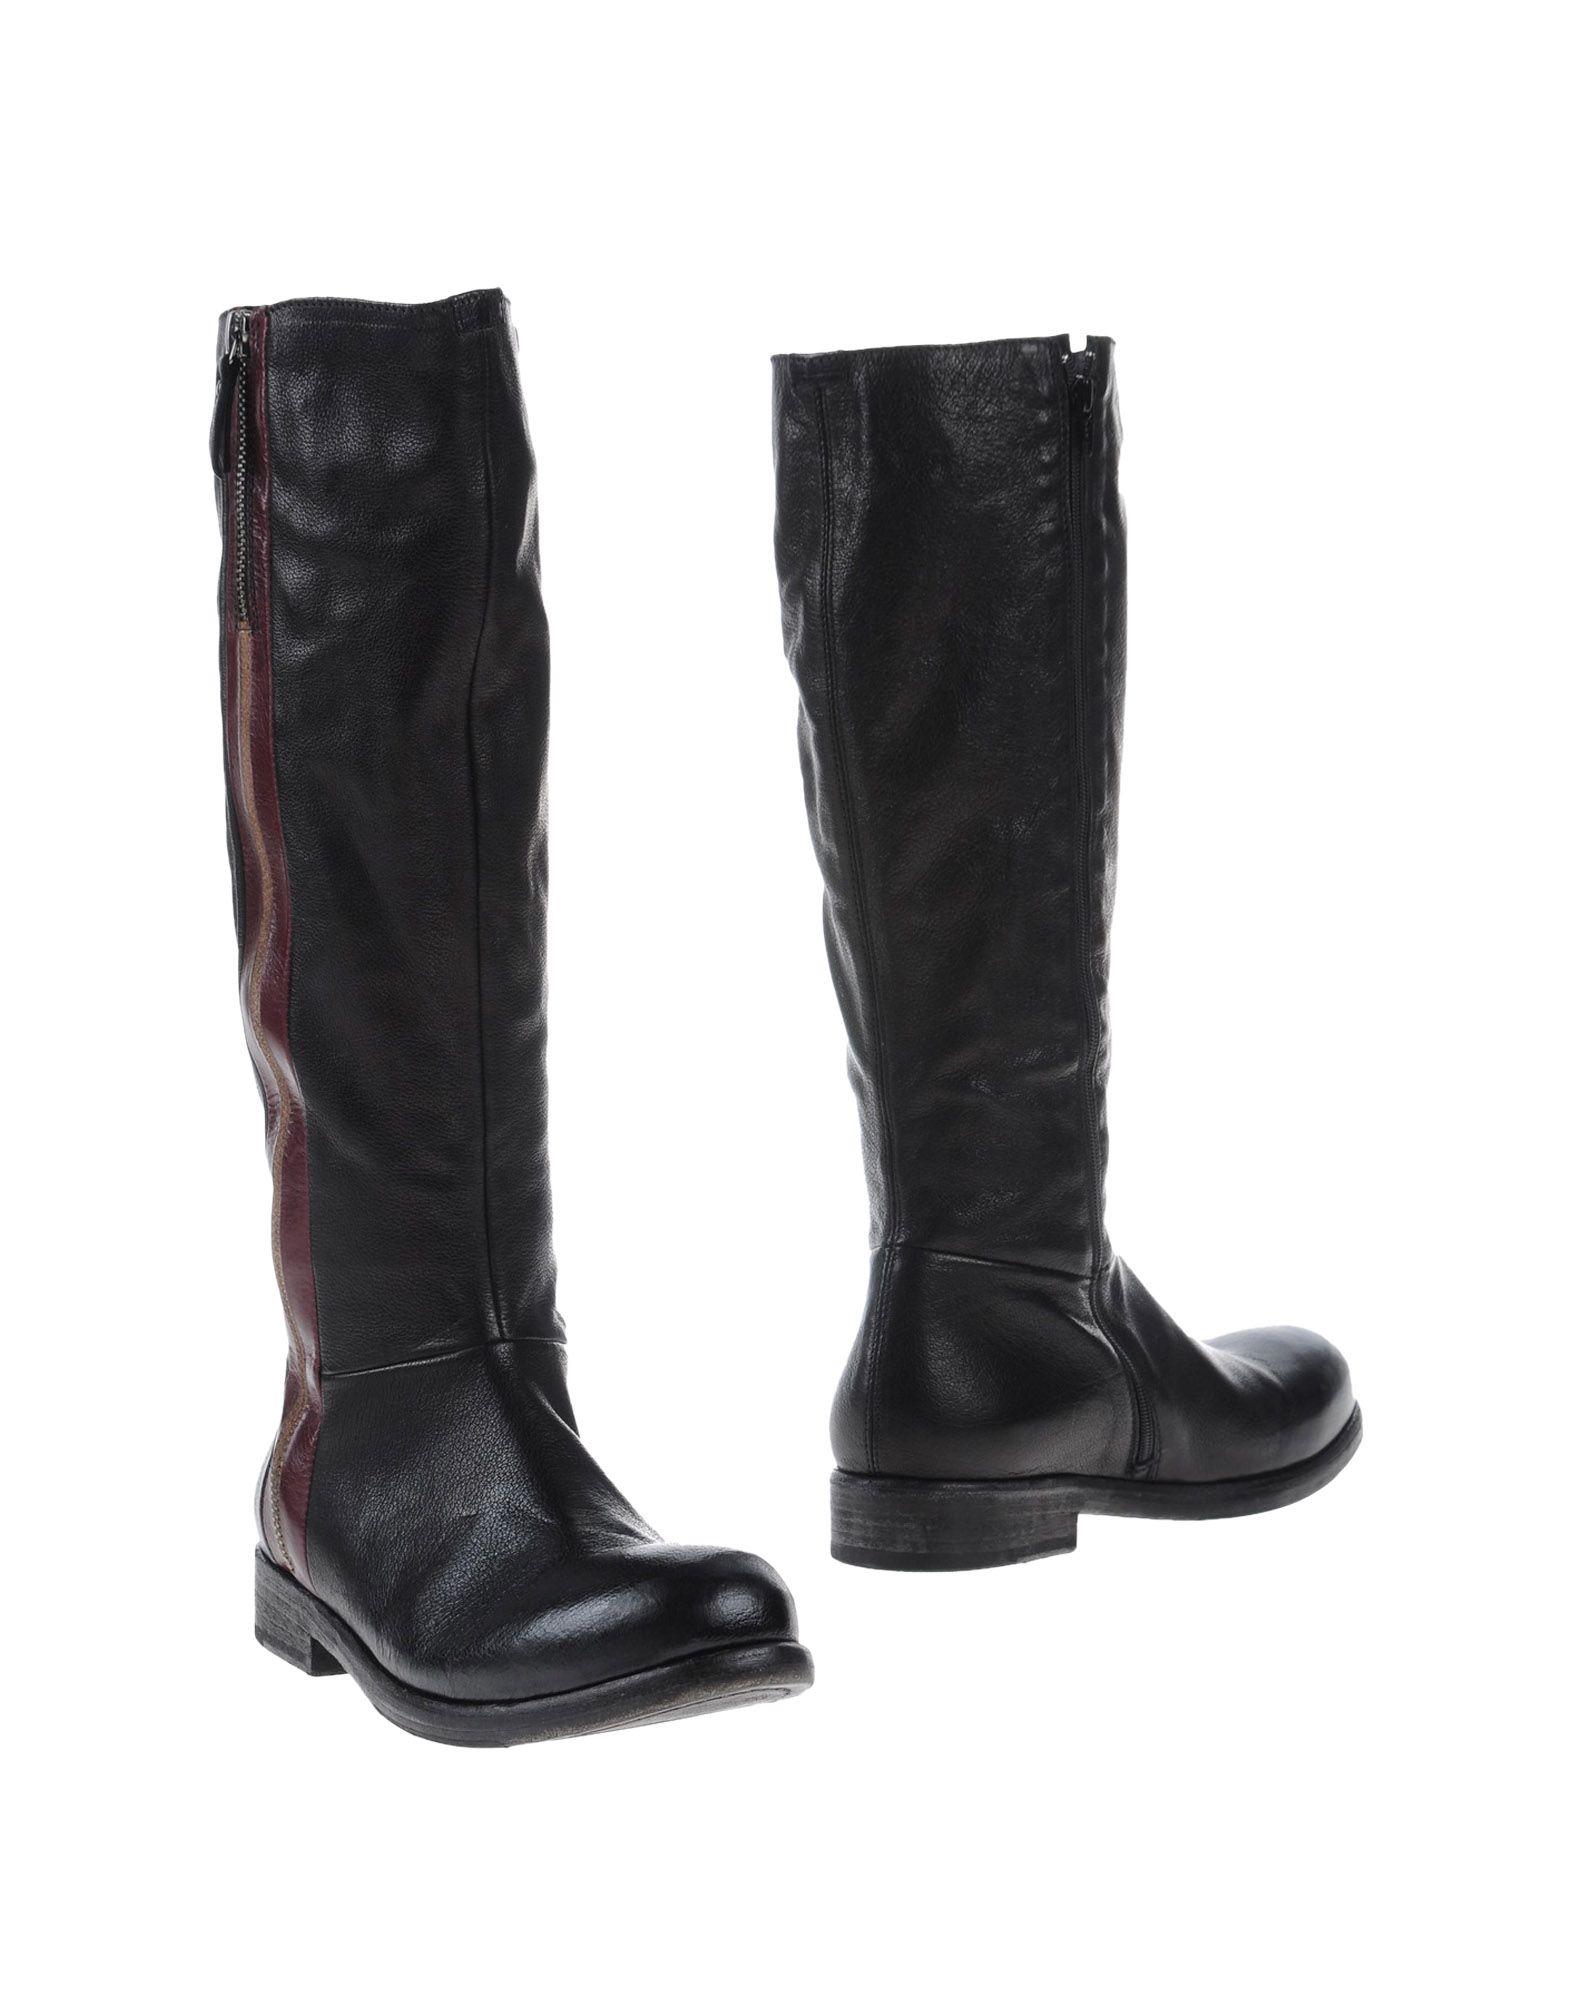 O.X.S. Stiefel strapazierfähige Damen  11020350UFGut aussehende strapazierfähige Stiefel Schuhe d42323